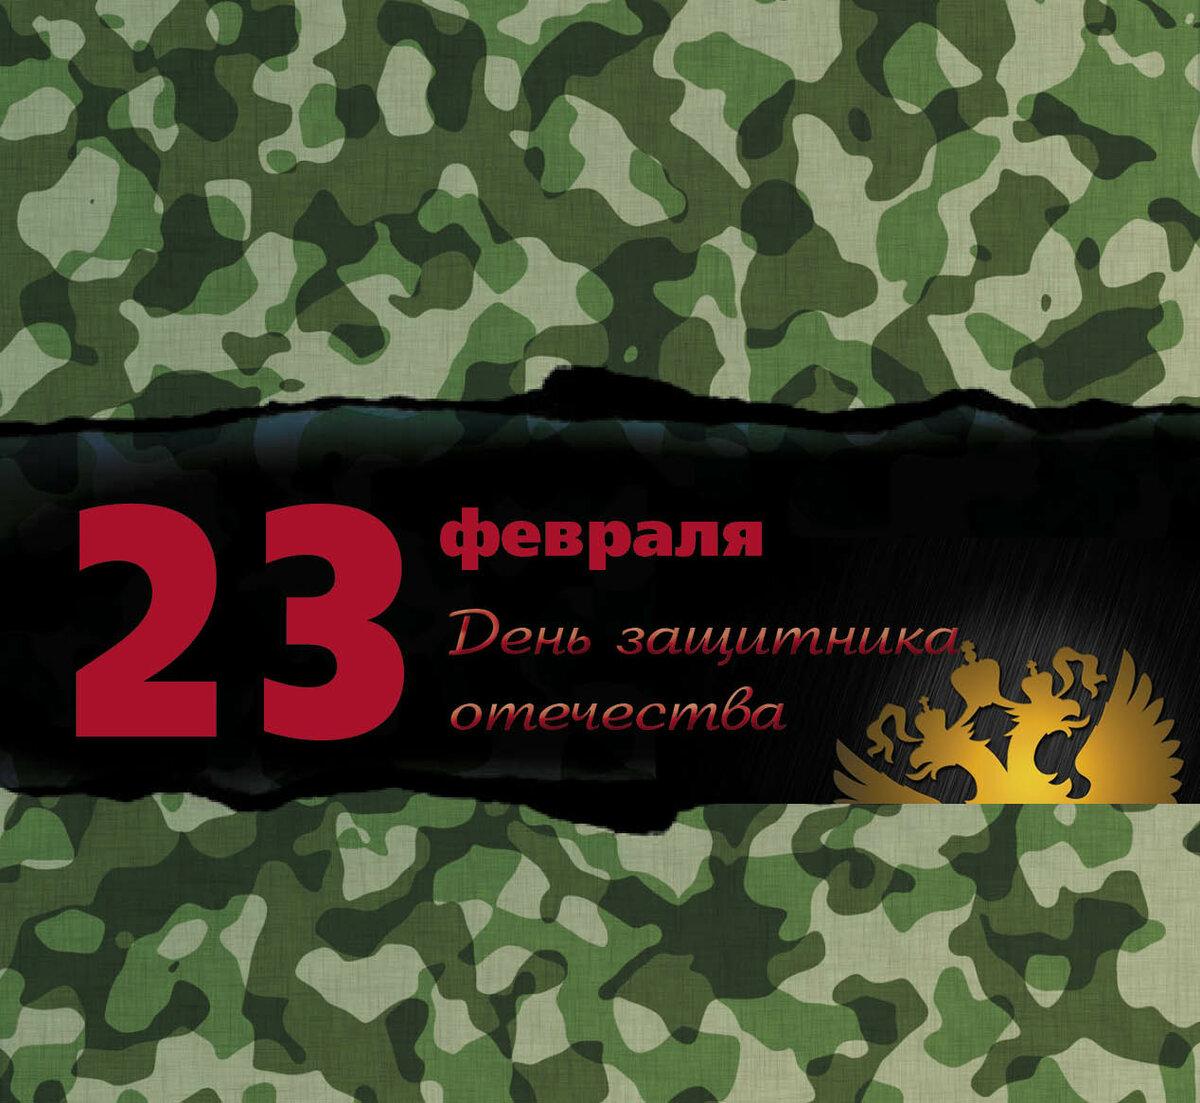 Любимому открытки с 23 февраля, про диму спас